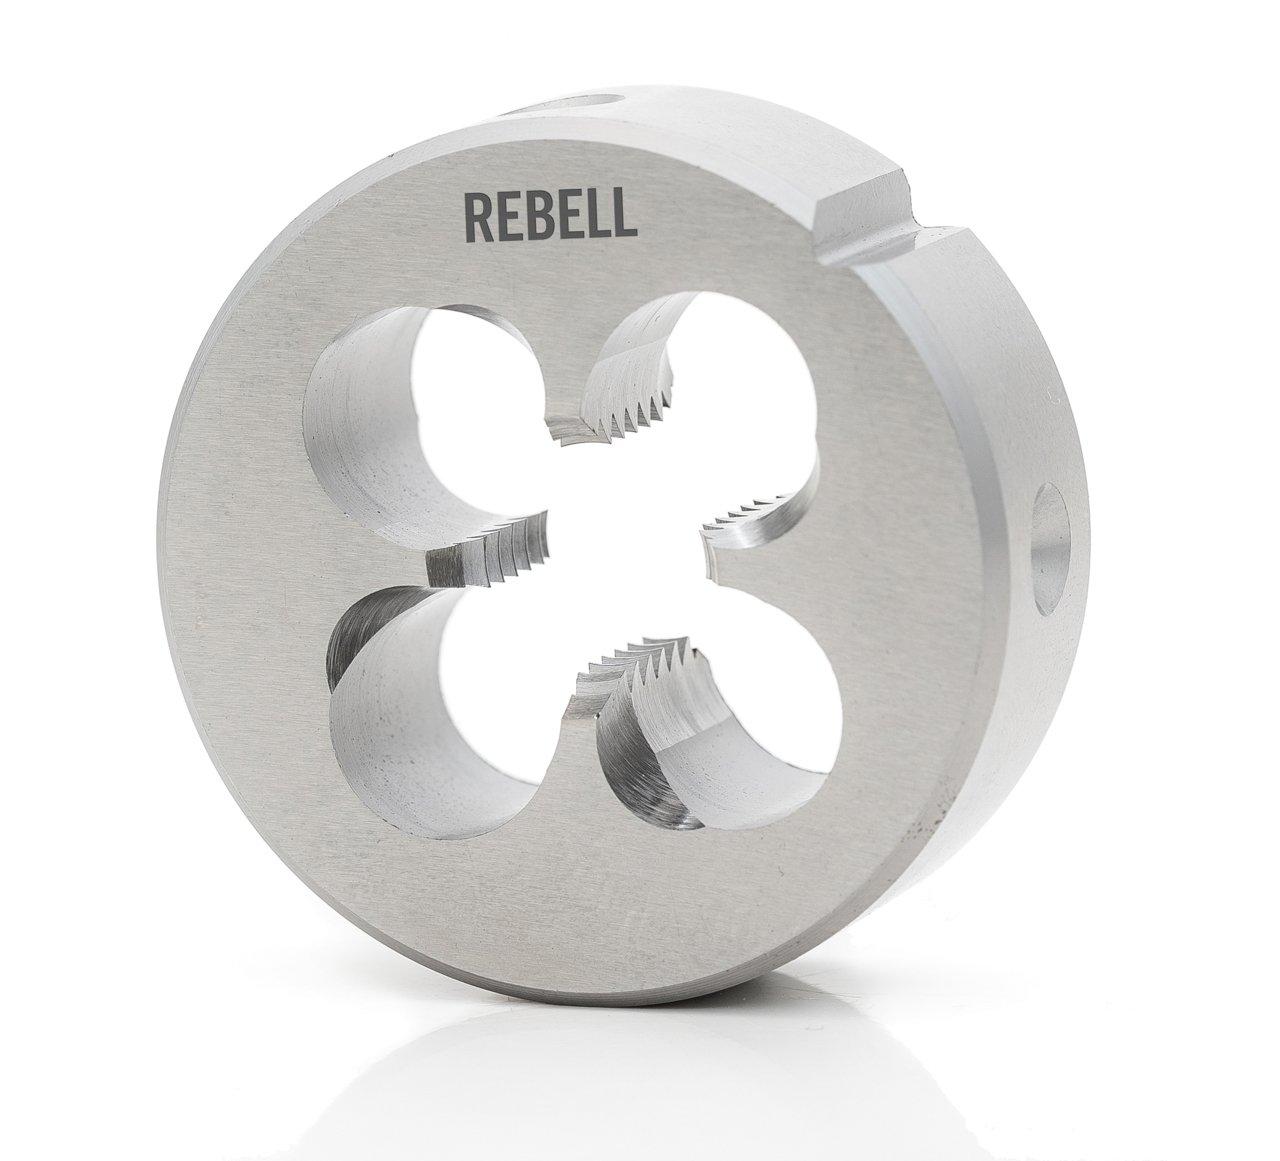 REBELL Schneideisen M LH 6g HSS - EN 22568 - Typ N